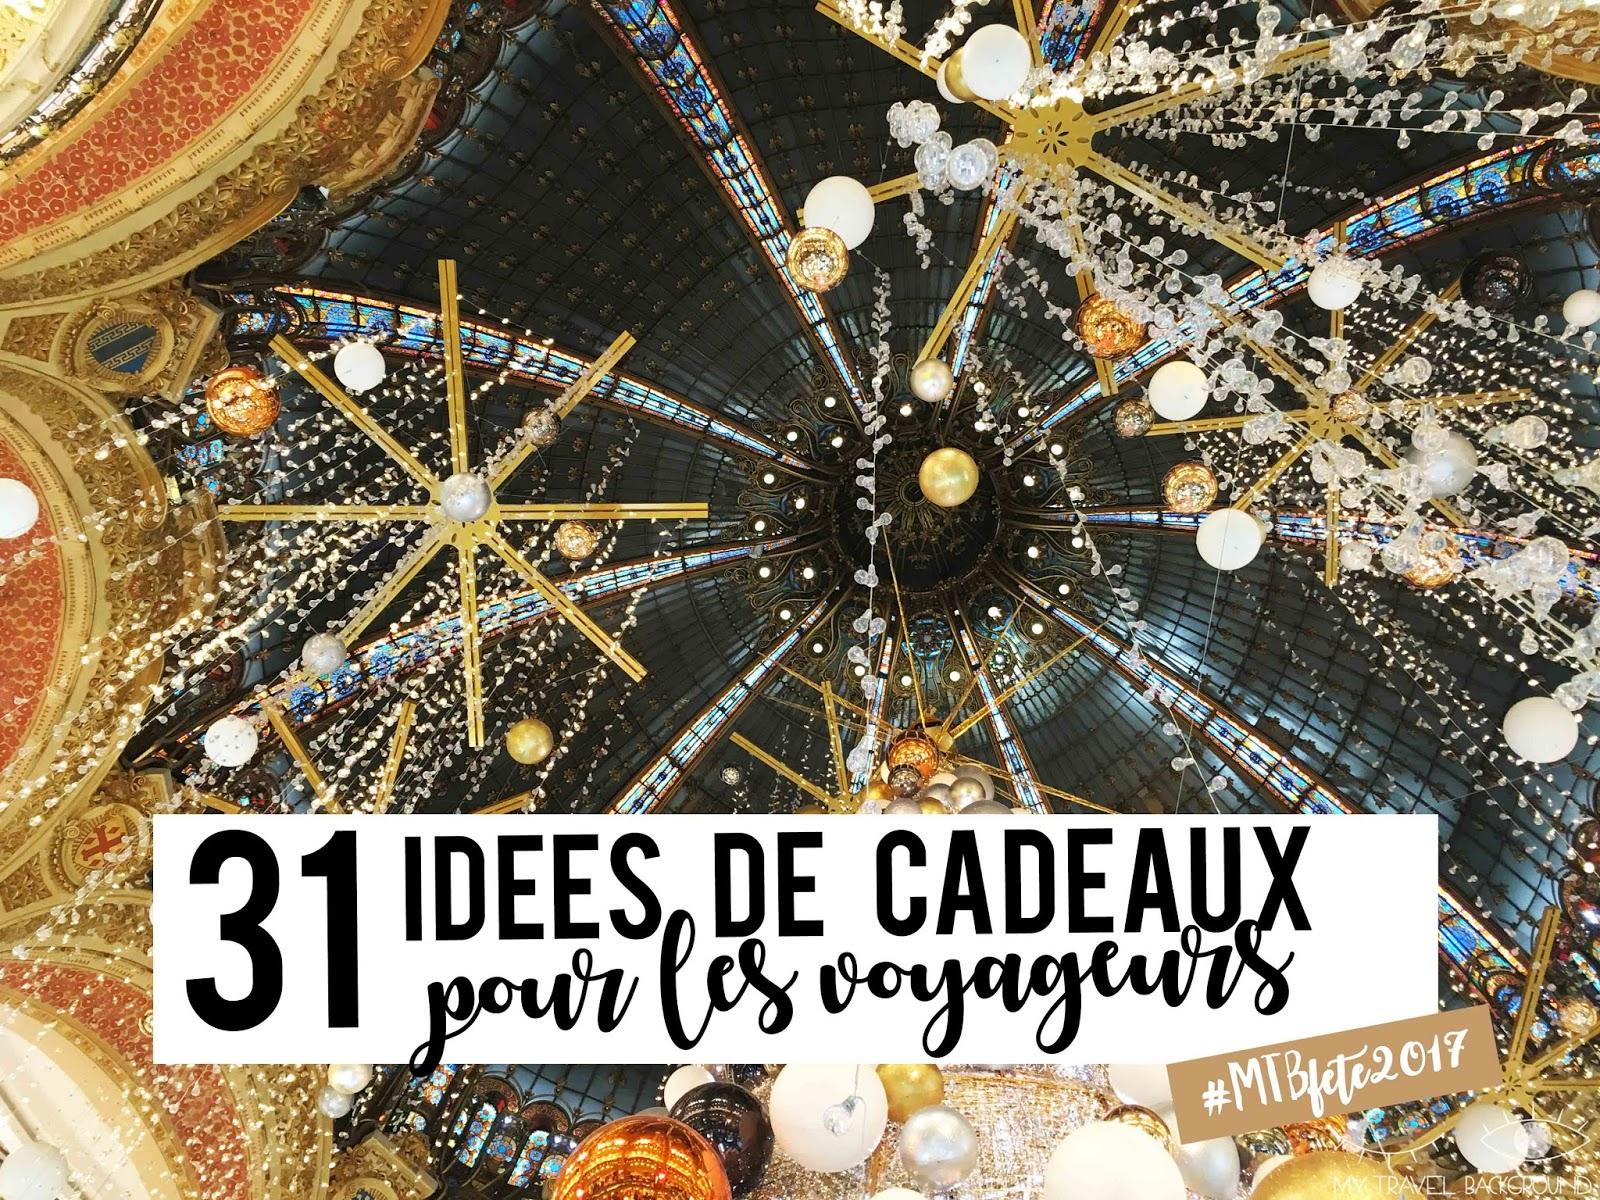 My Travel Background : 31 idées de cadeaux de Noël pour les Voyageurs